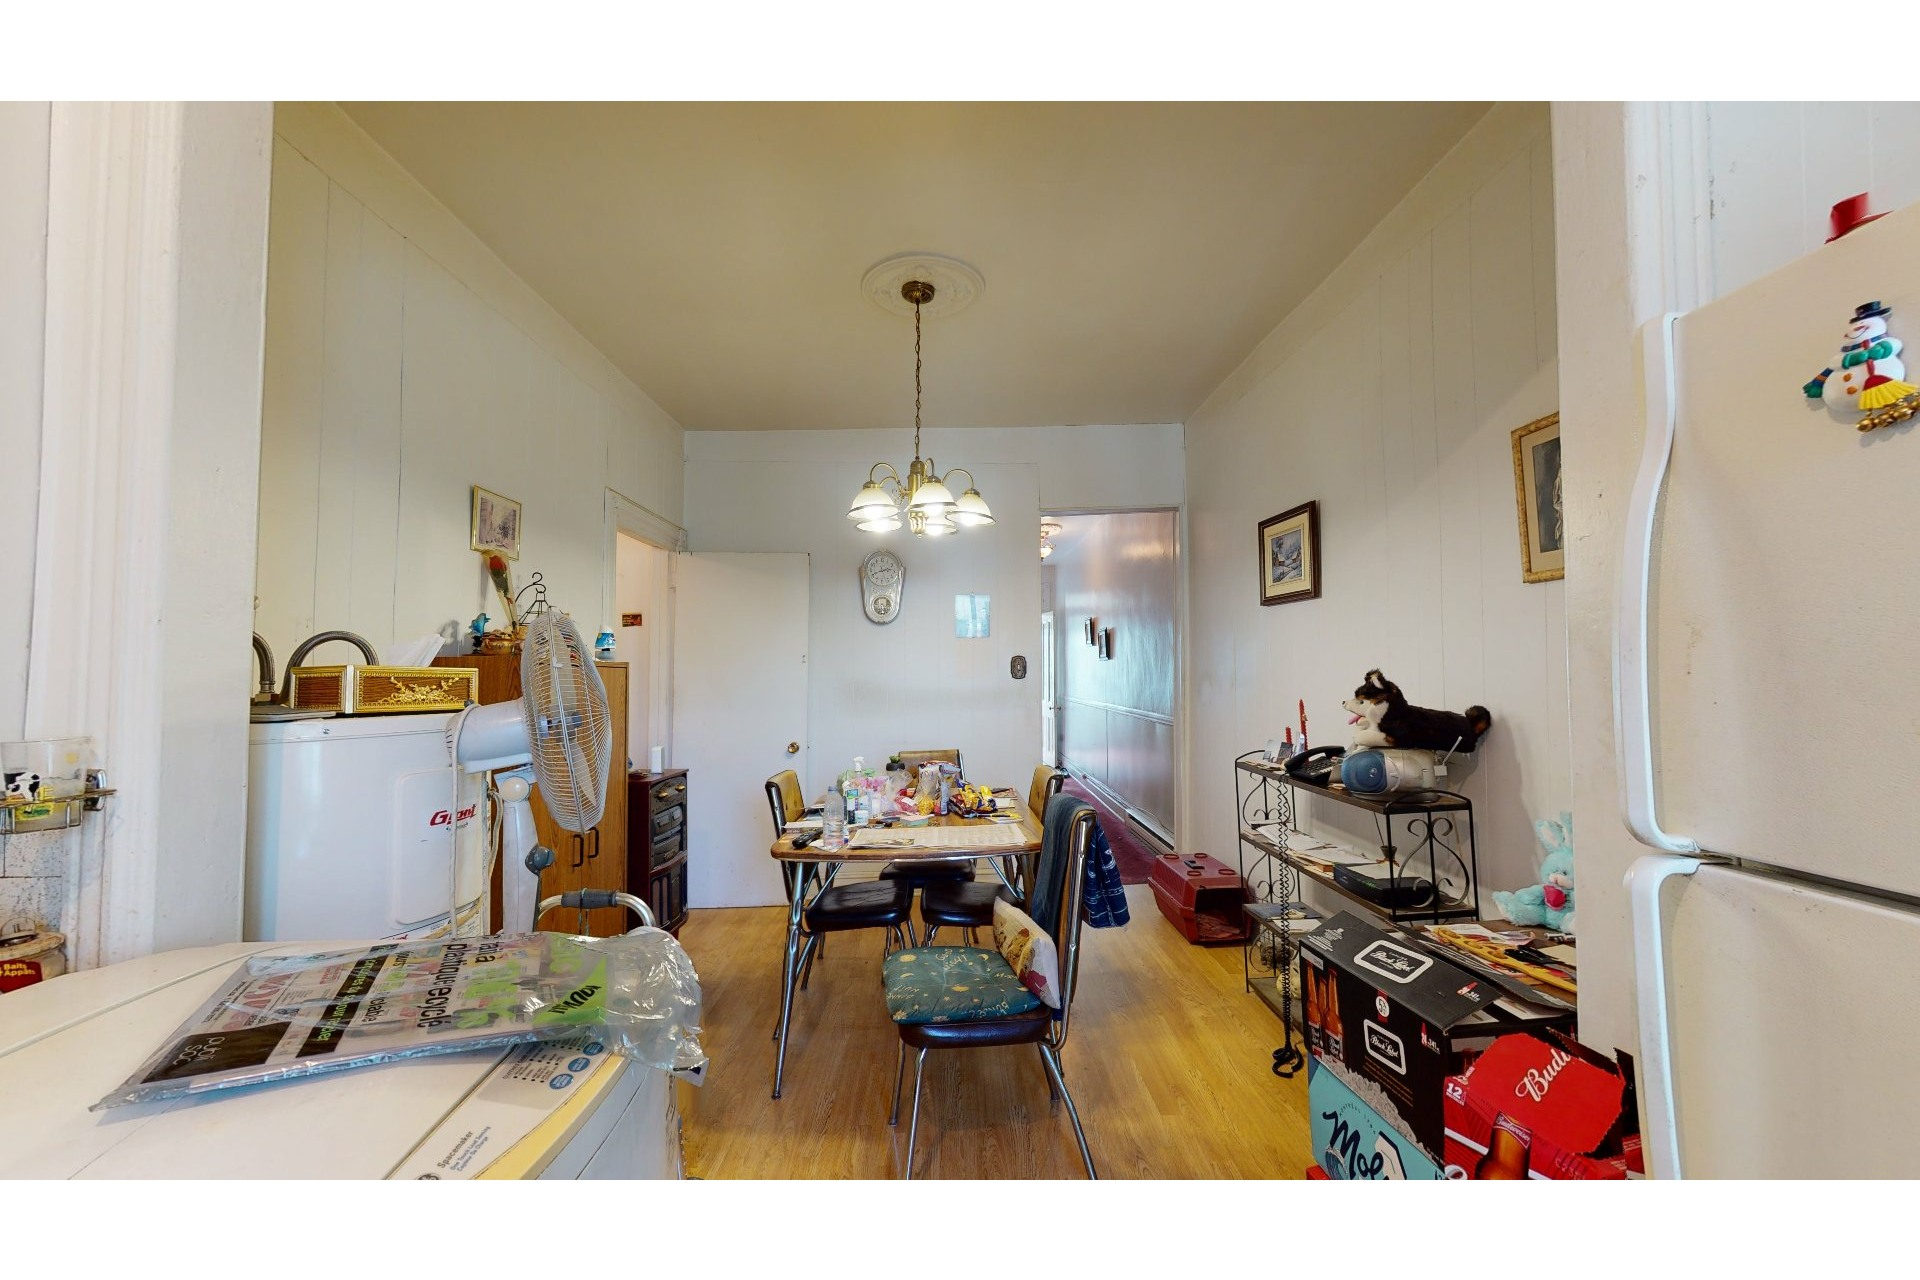 image 28 - Duplex À vendre Rosemont/La Petite-Patrie Montréal  - 7 pièces